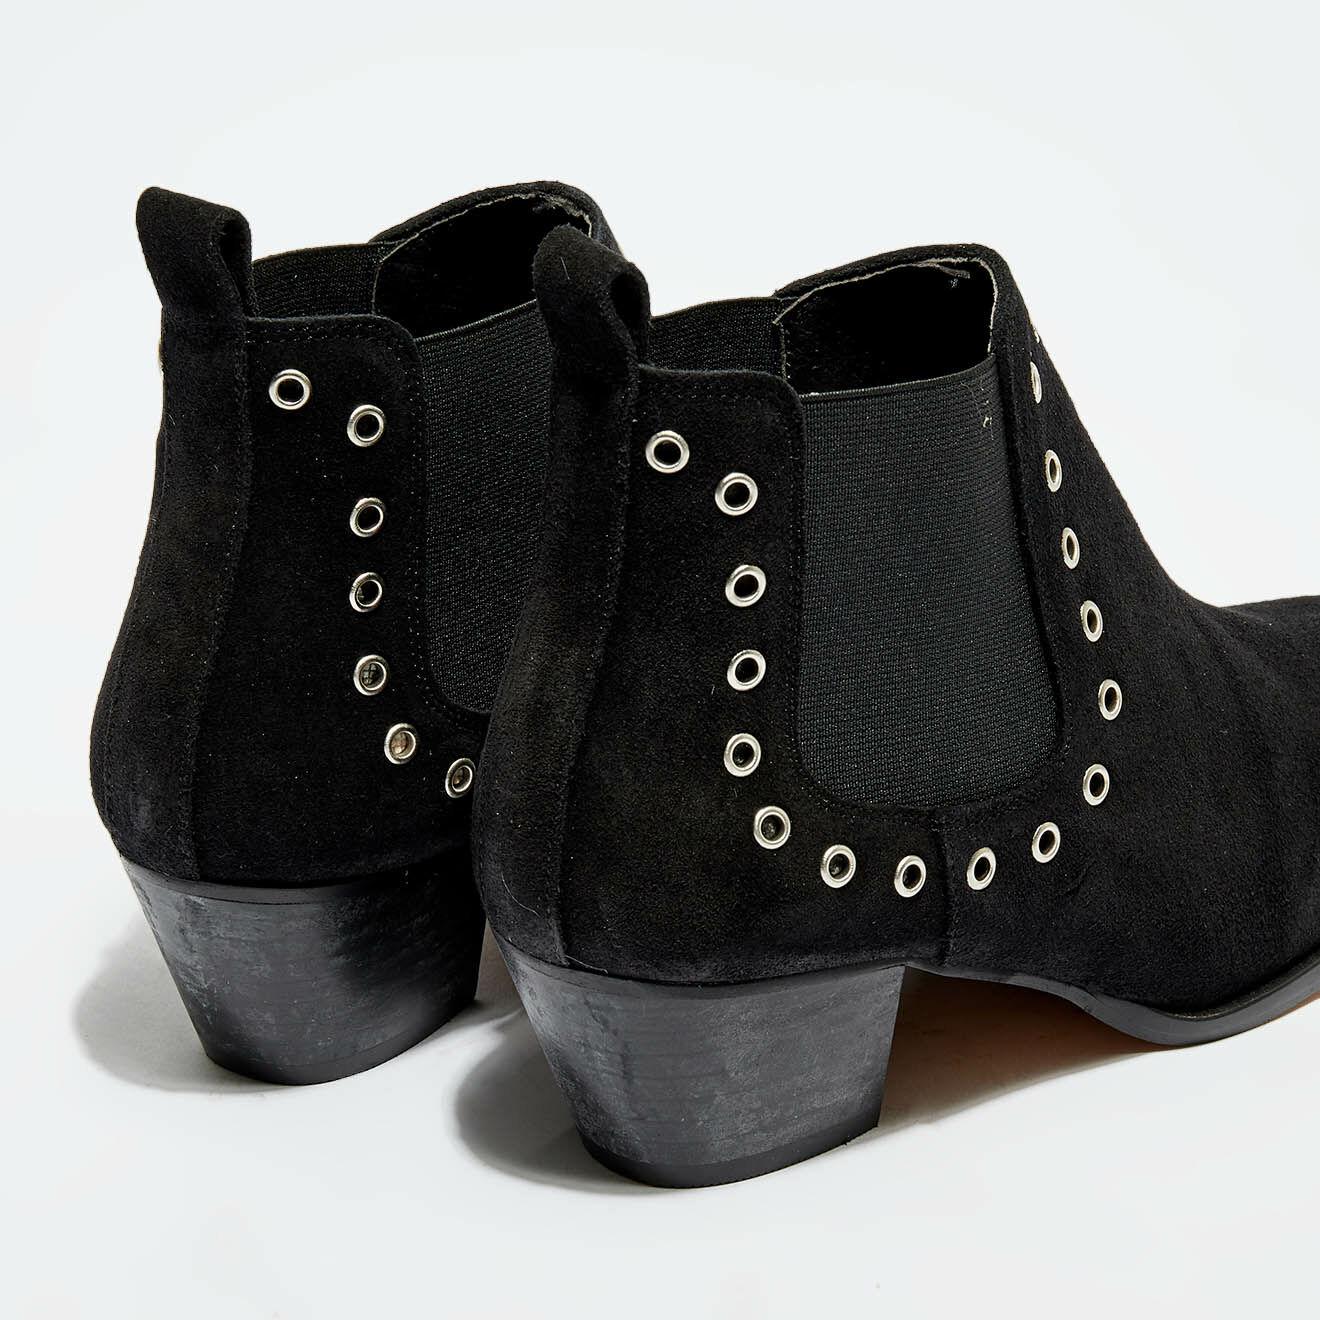 Chelsea Boots en Velours de Cuir Cowboy noires - Talon 5 cm